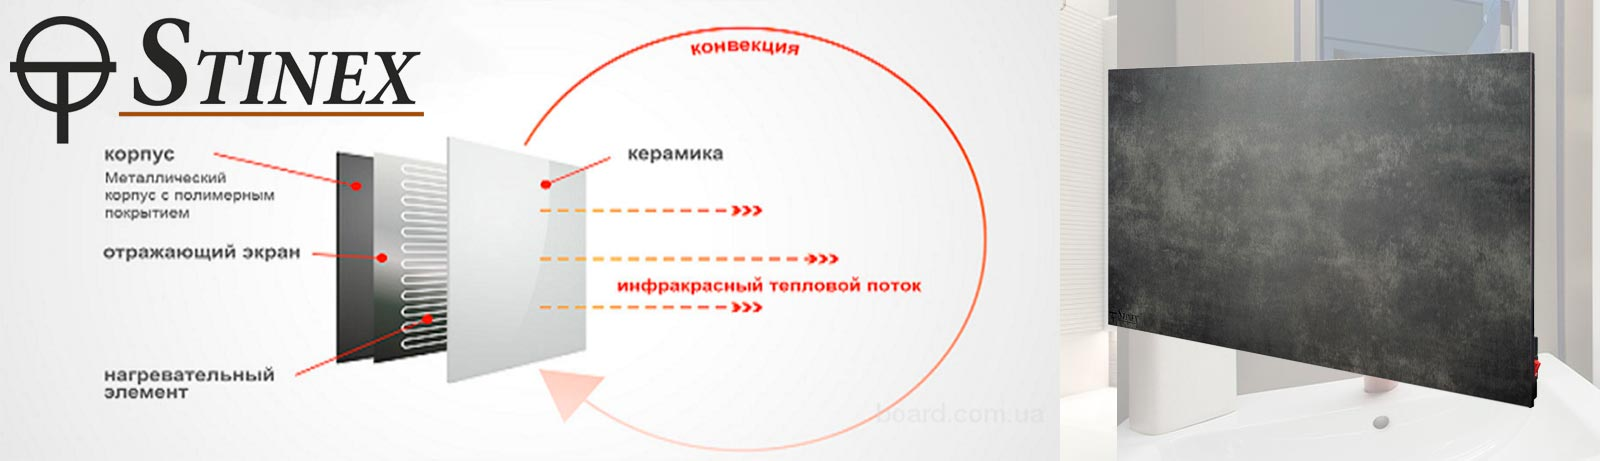 Принцип работы керамического инфракрасного обогревателя